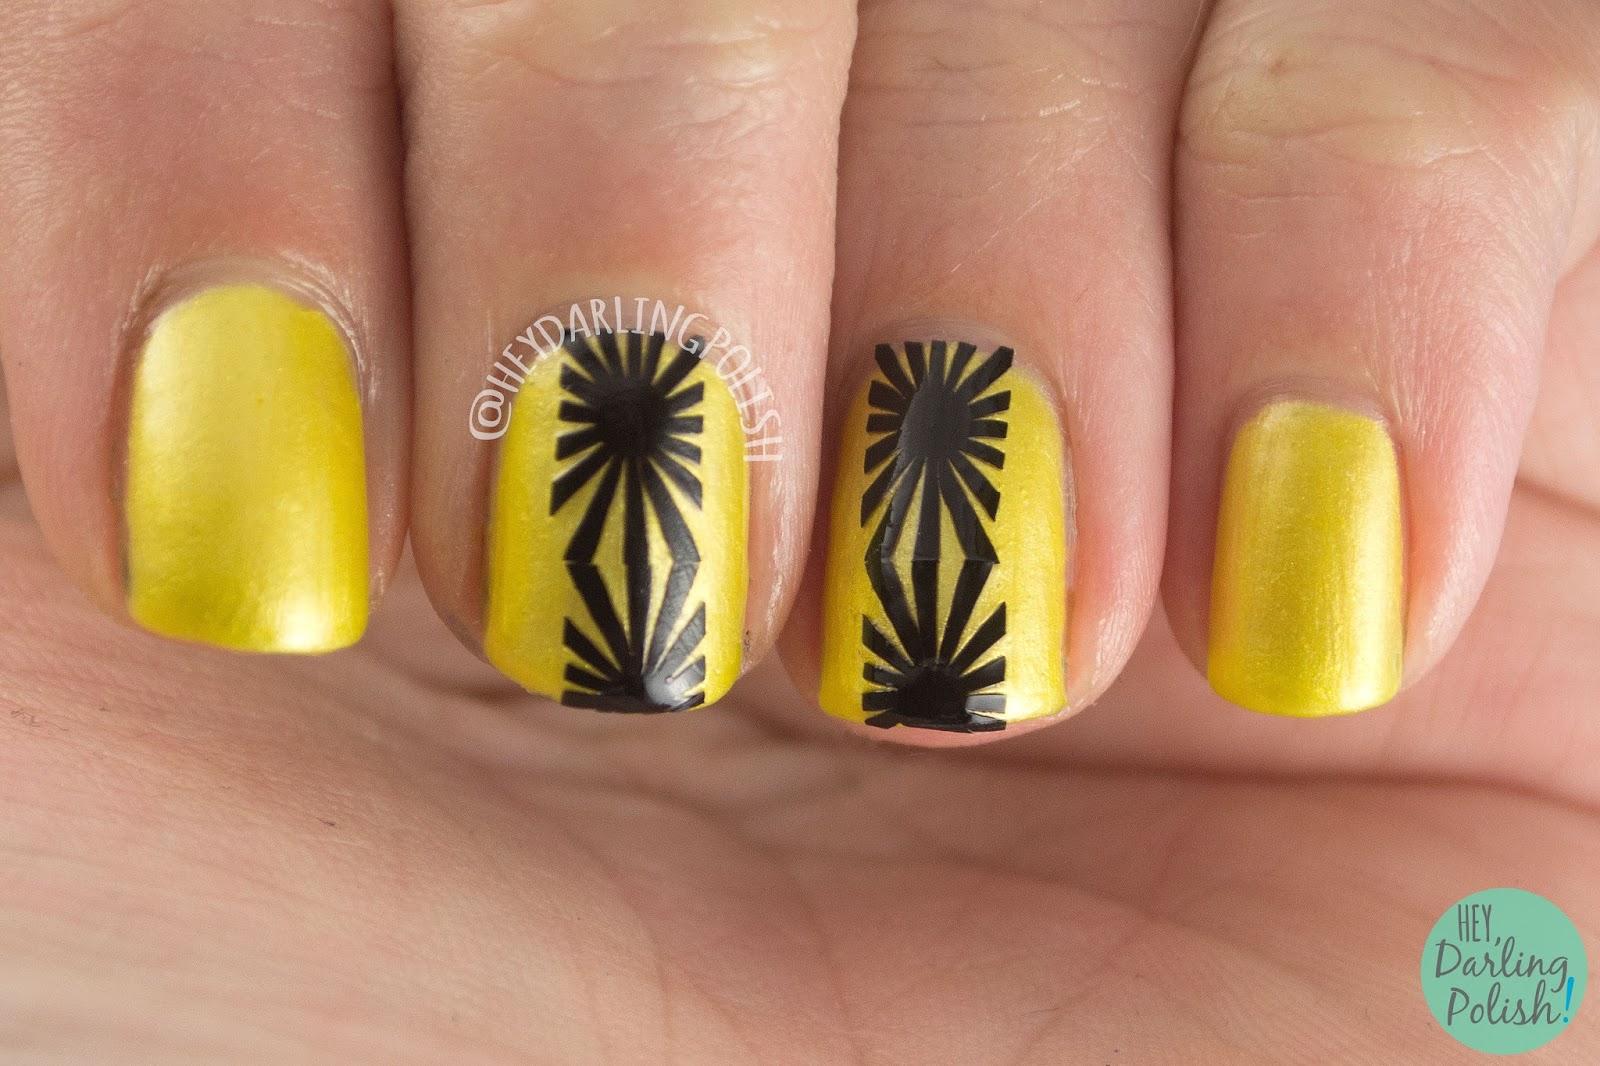 nails, nail polish, indie polish, indie, kitty polish, hey darling polish, yellow, #TBT, nail art, nail vinyls